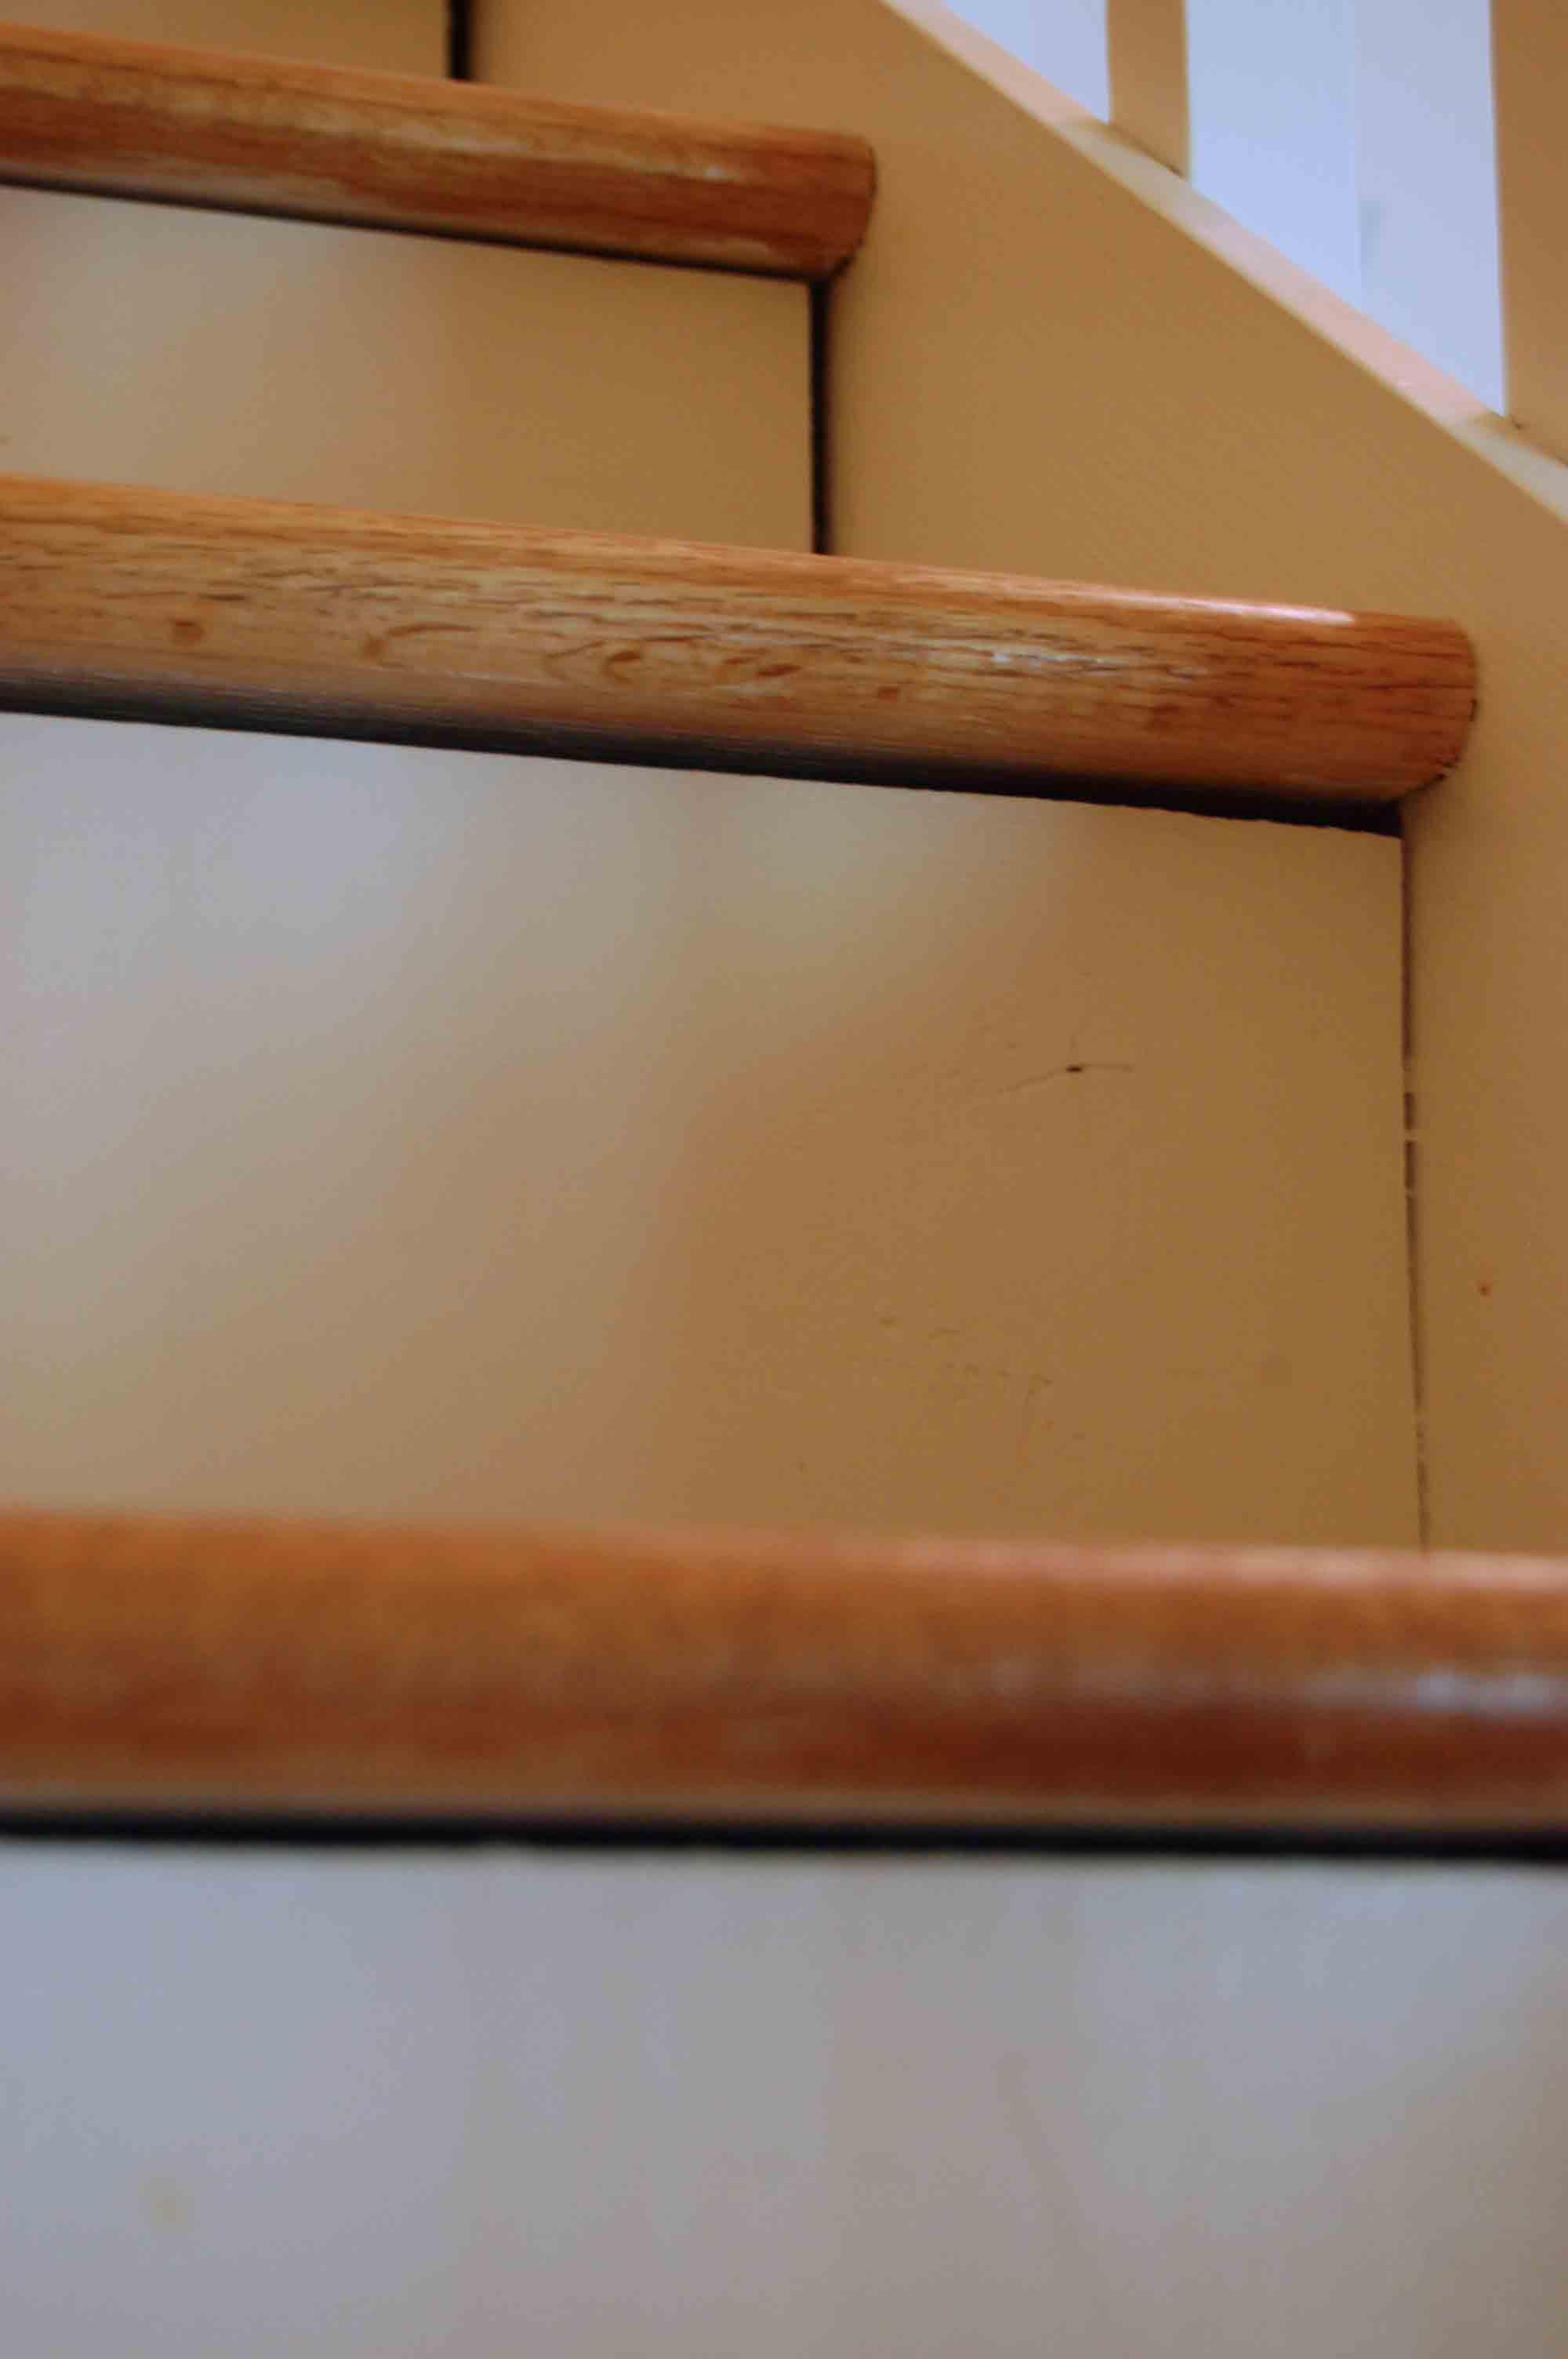 ... Fix Gaps In Stairs Stair Gap3 Diy